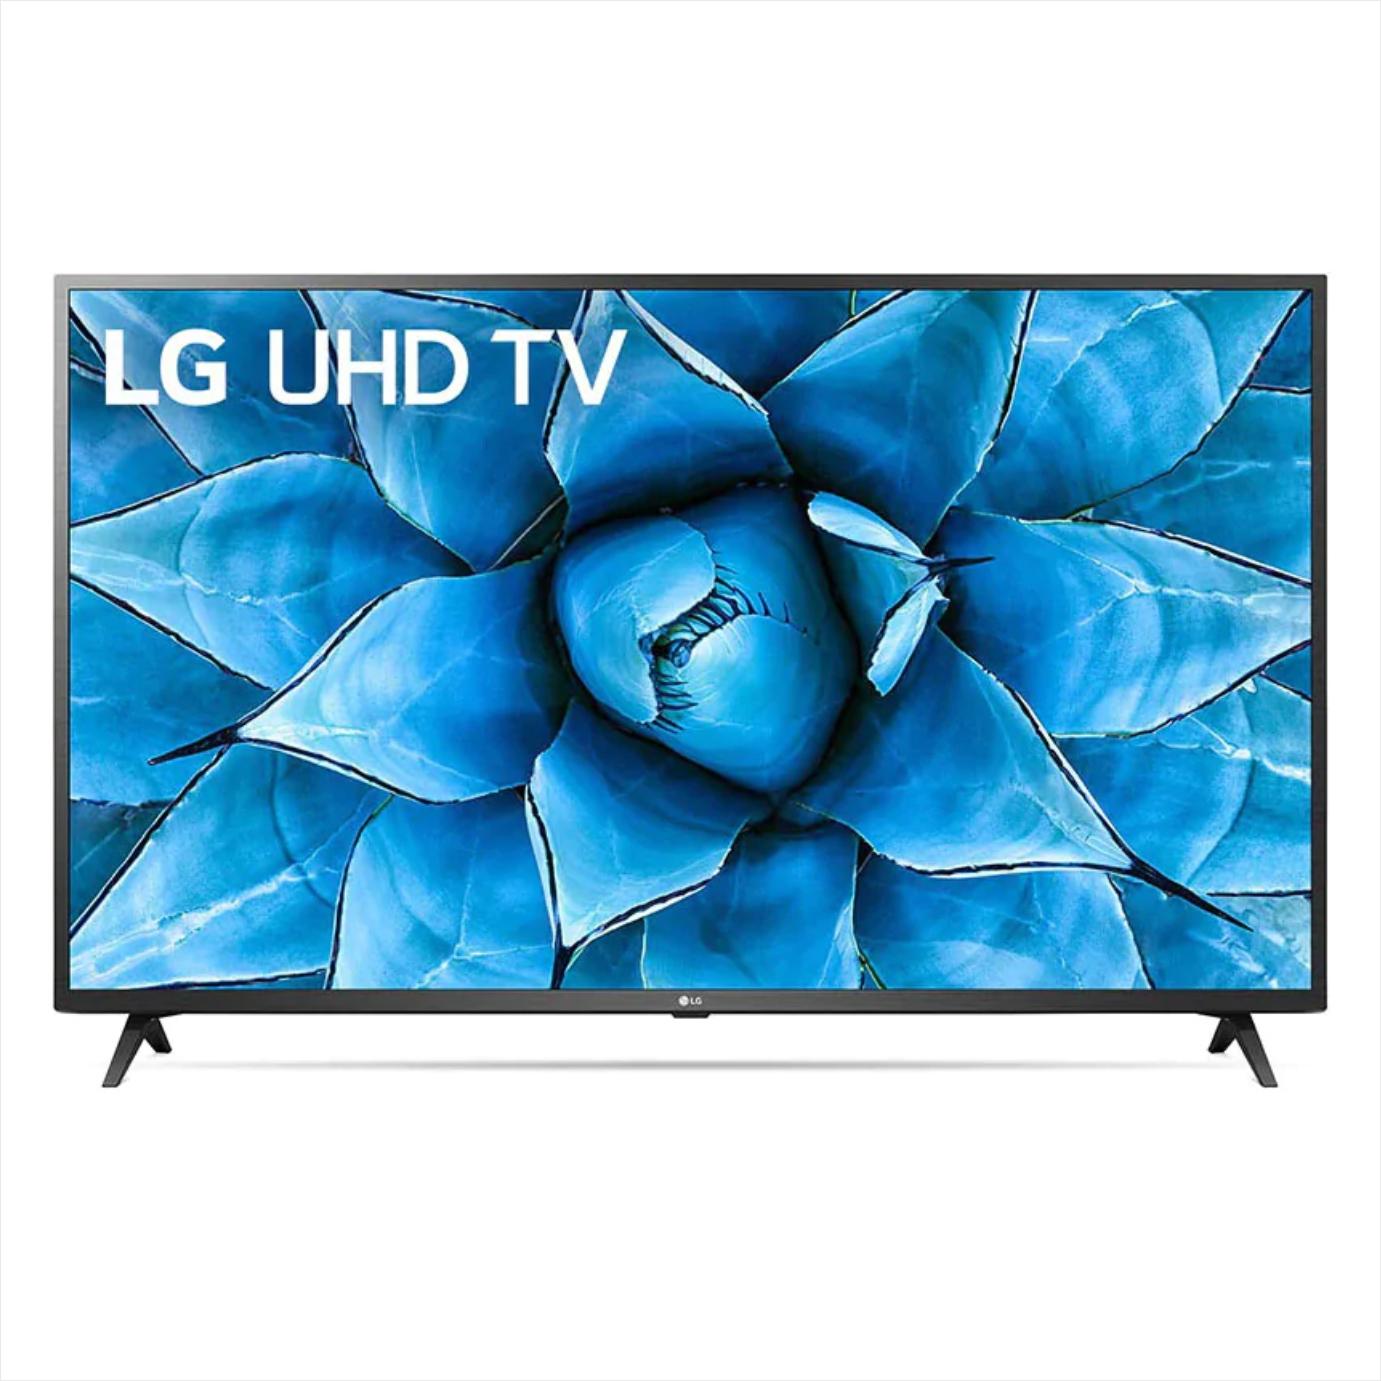 T.V. LG 55 UHD 4K SMART 55UN7300PSC * LG